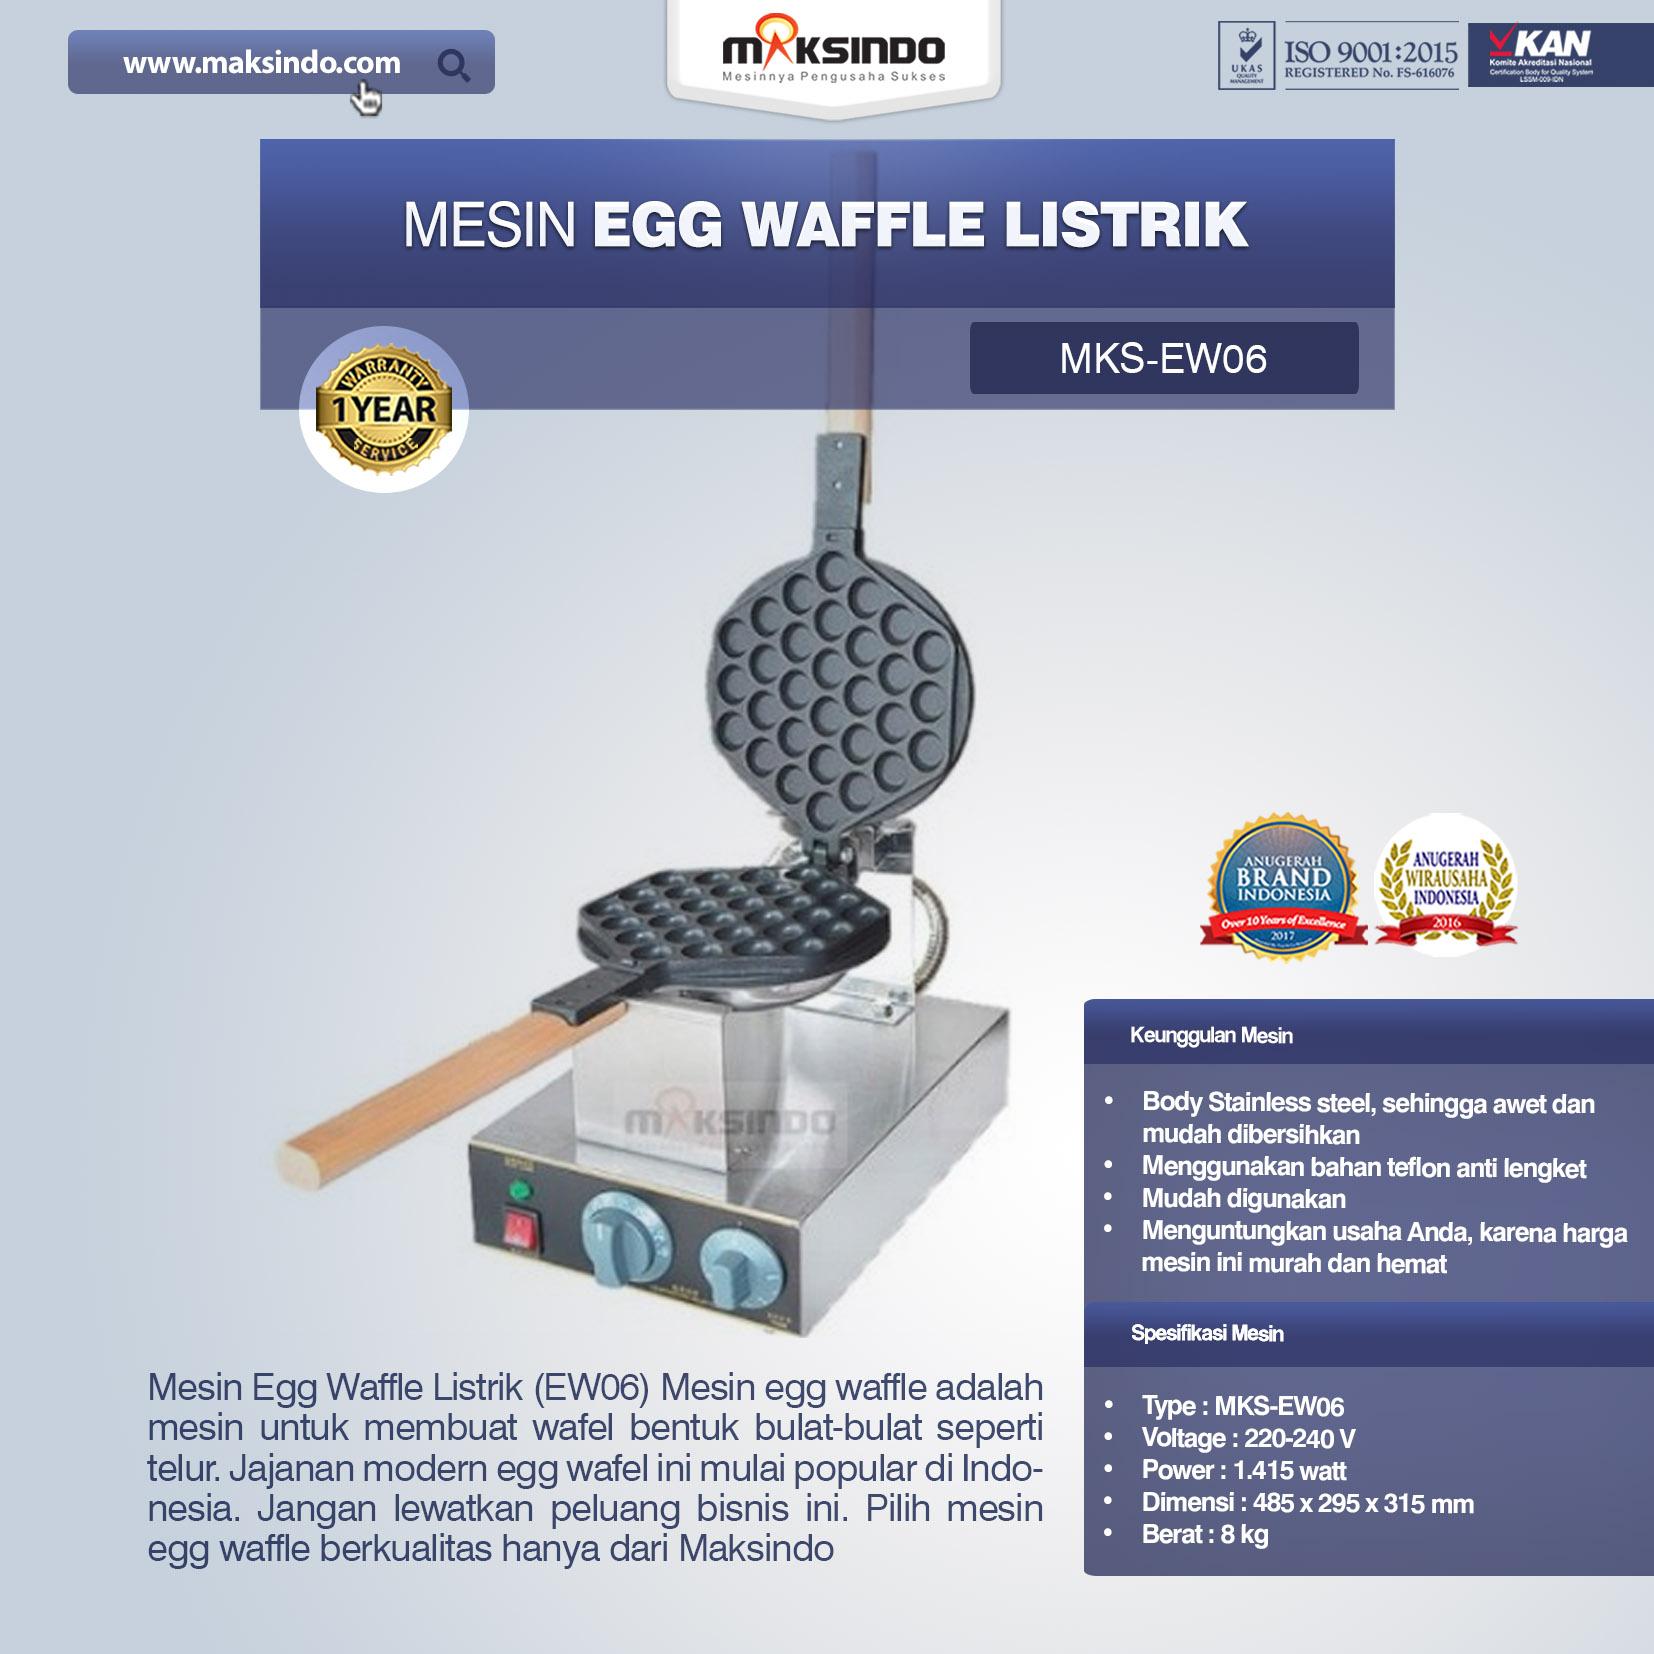 Jual Mesin Egg Waffle Listrik (EW06) di Malang